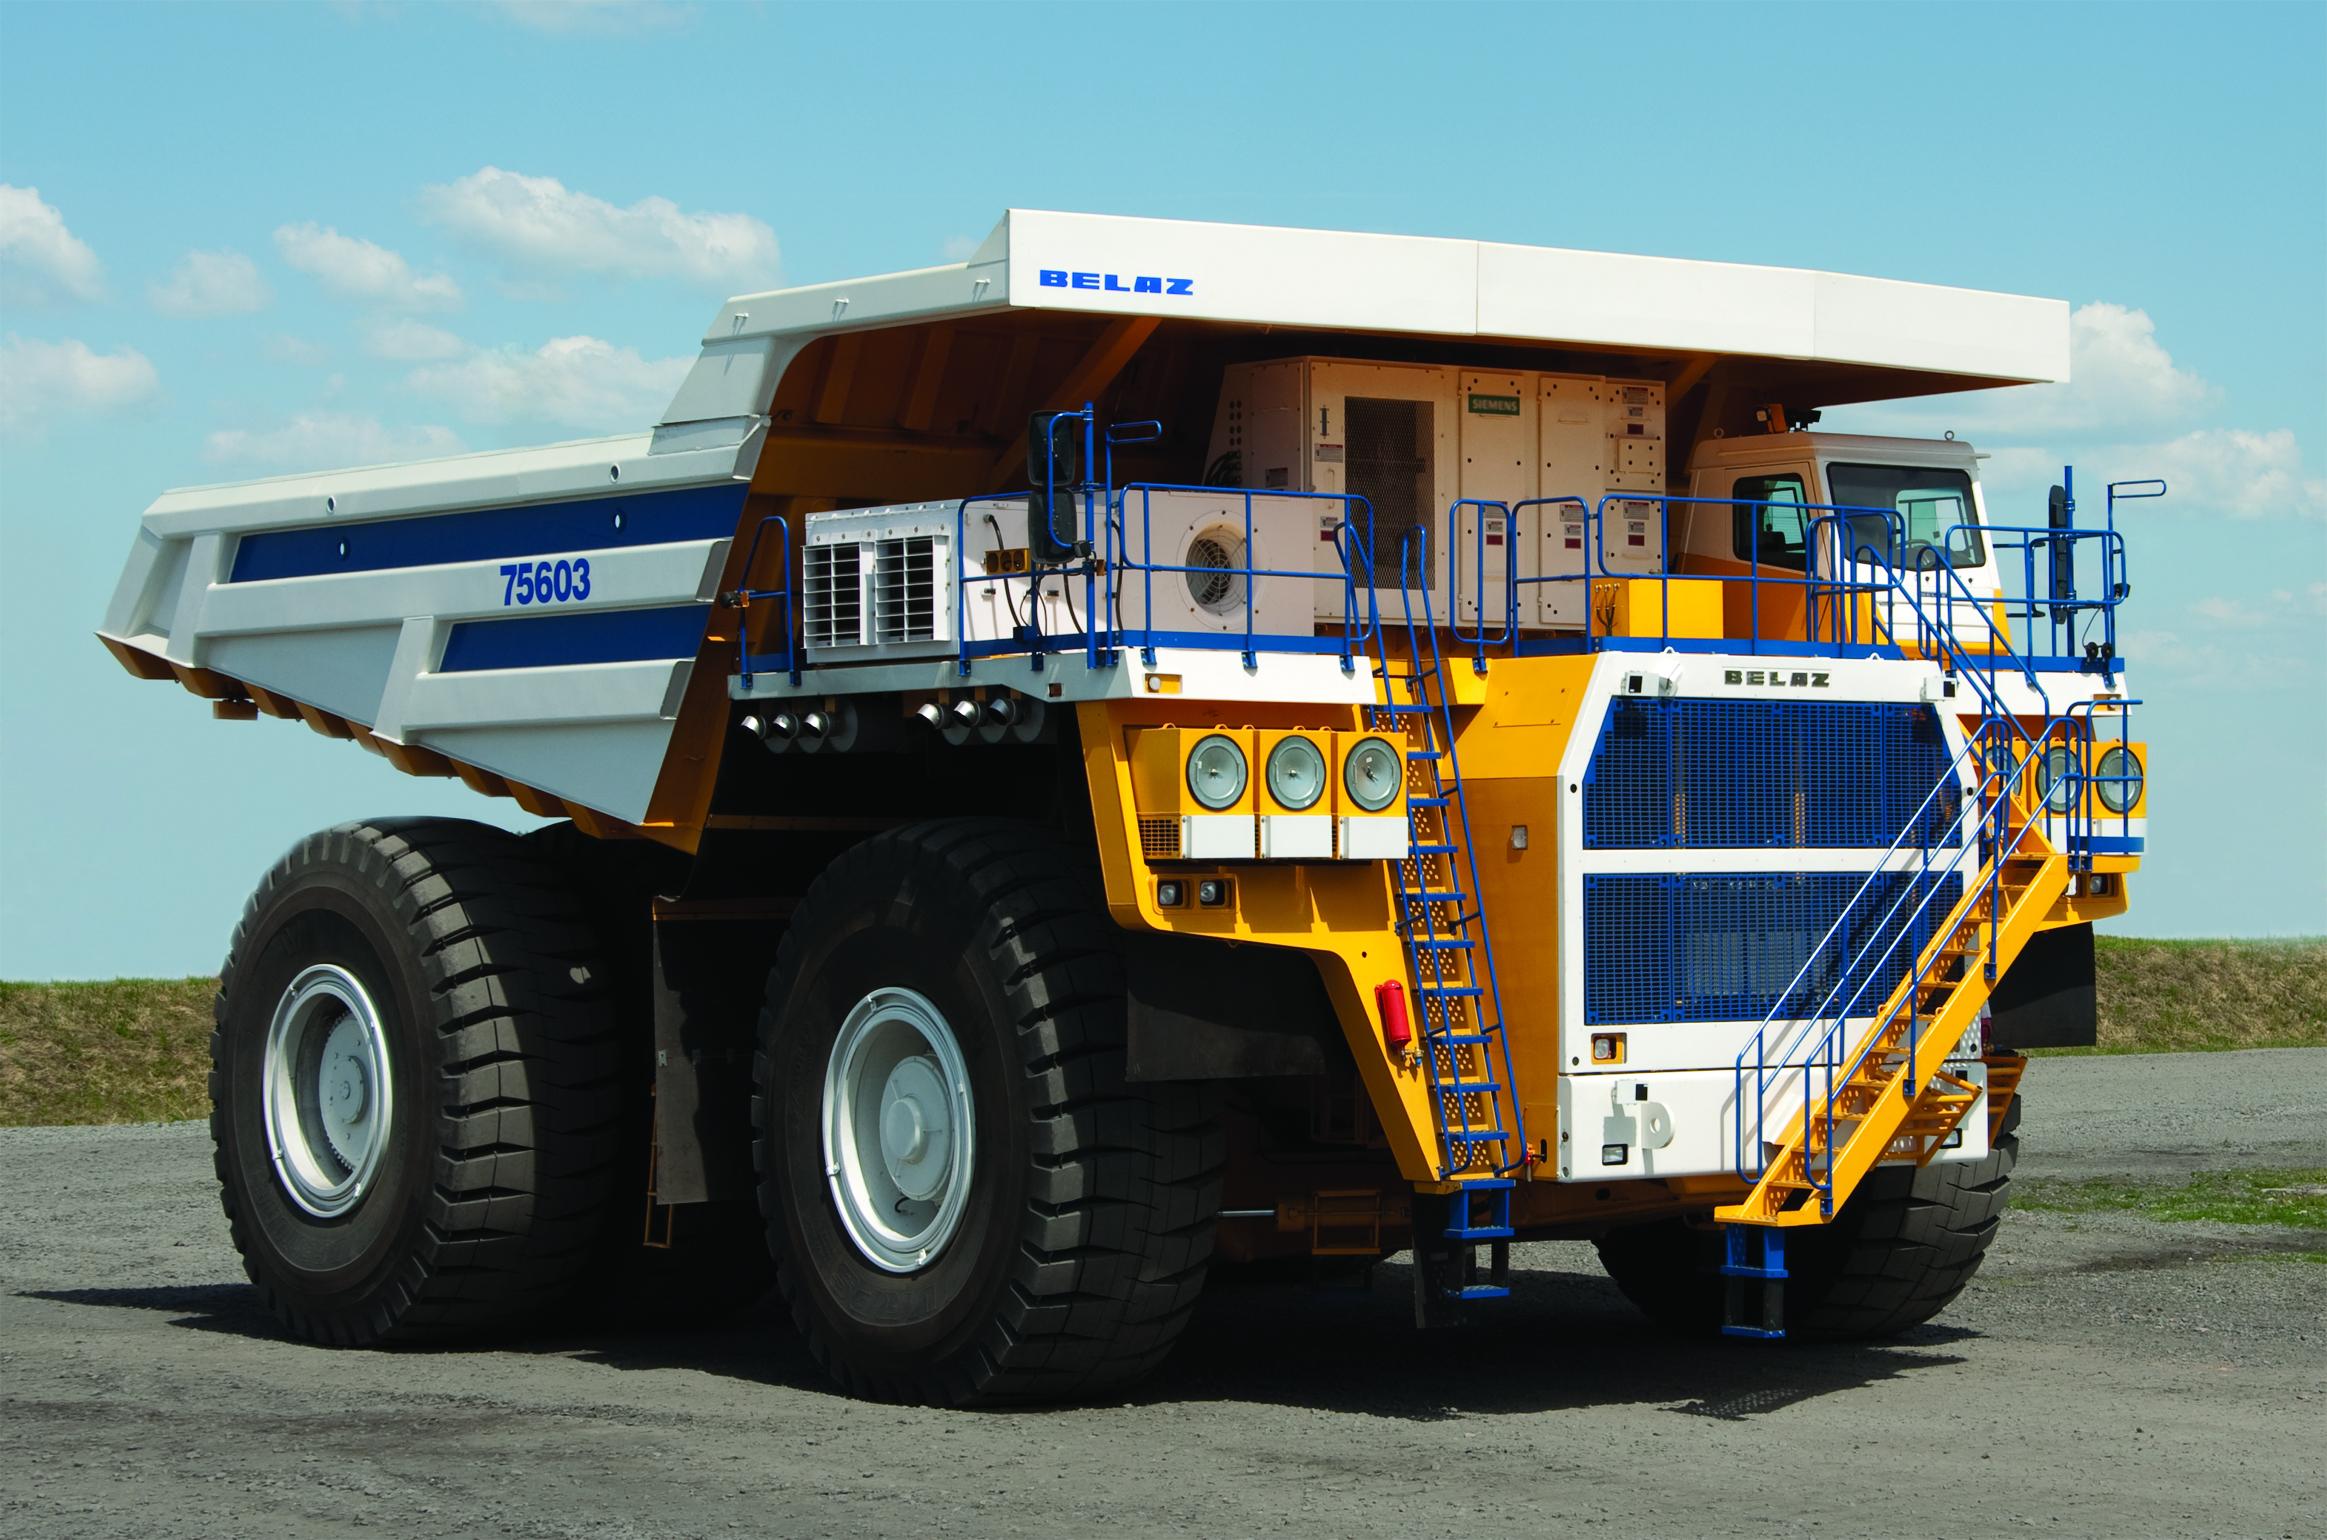 Фото больших машин с описанием виды